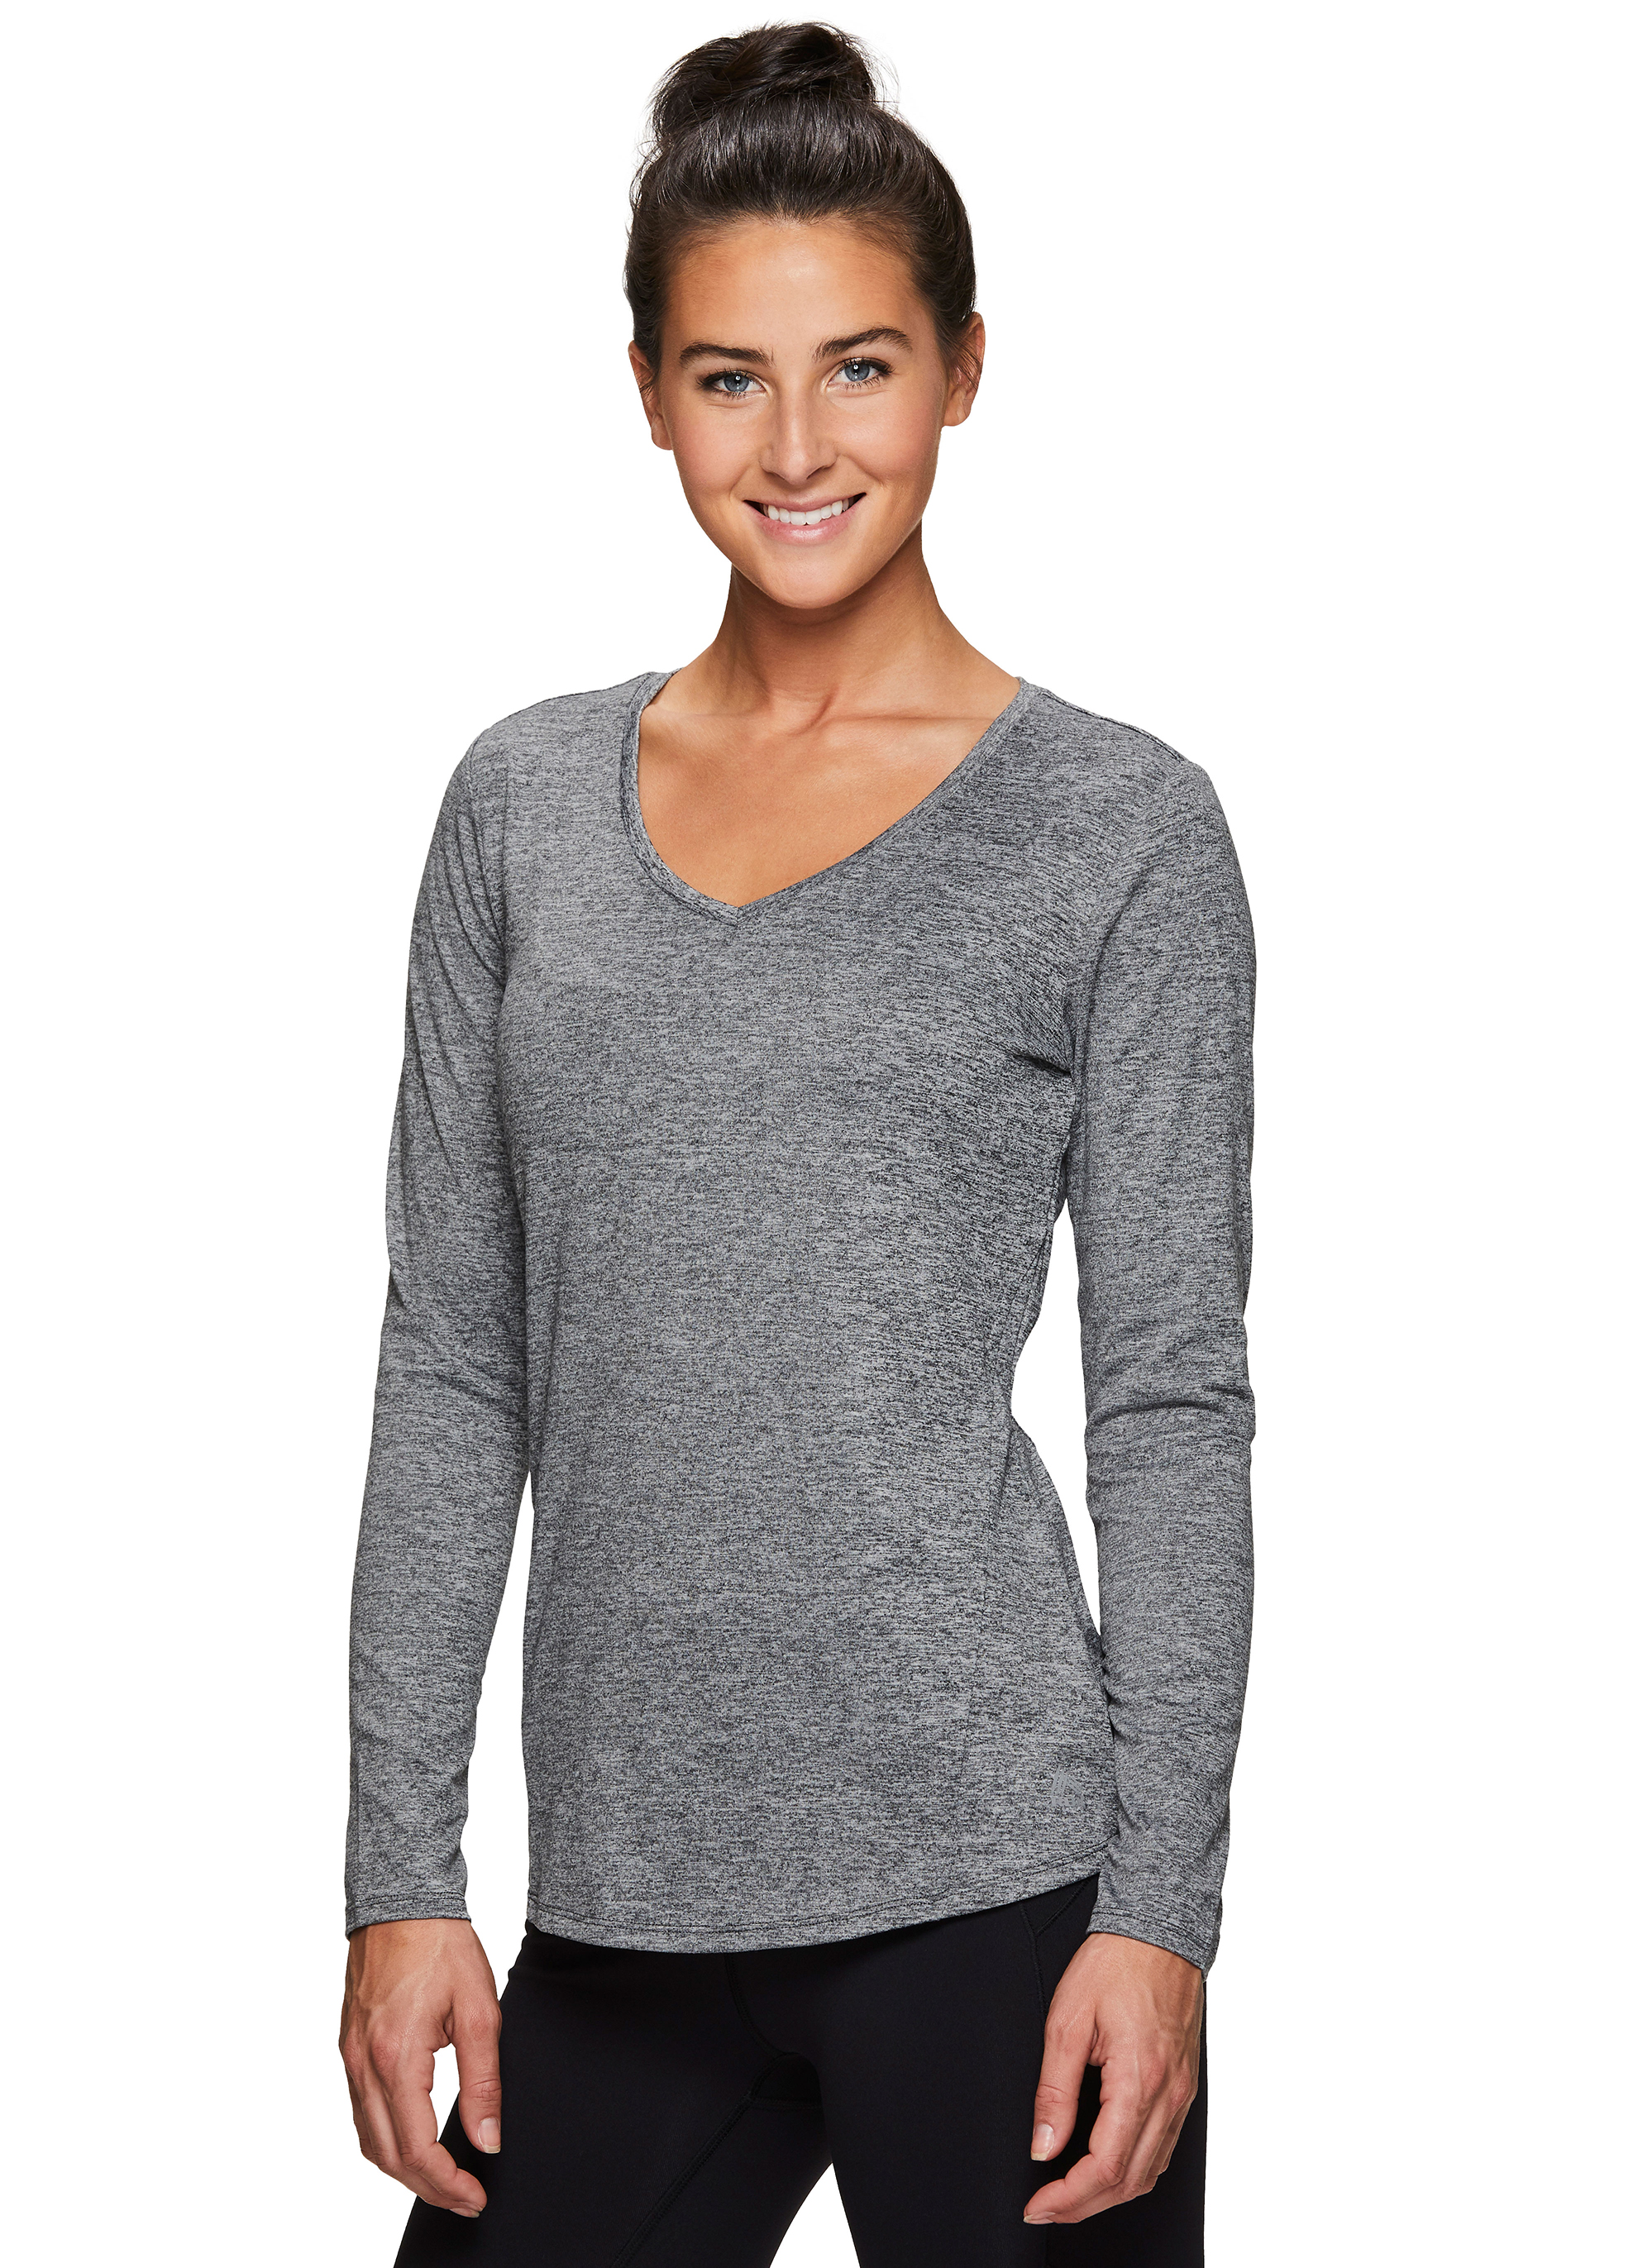 RBX Active Womens Long Sleeve Super Soft Space Dye Workout Running Tee Shirt